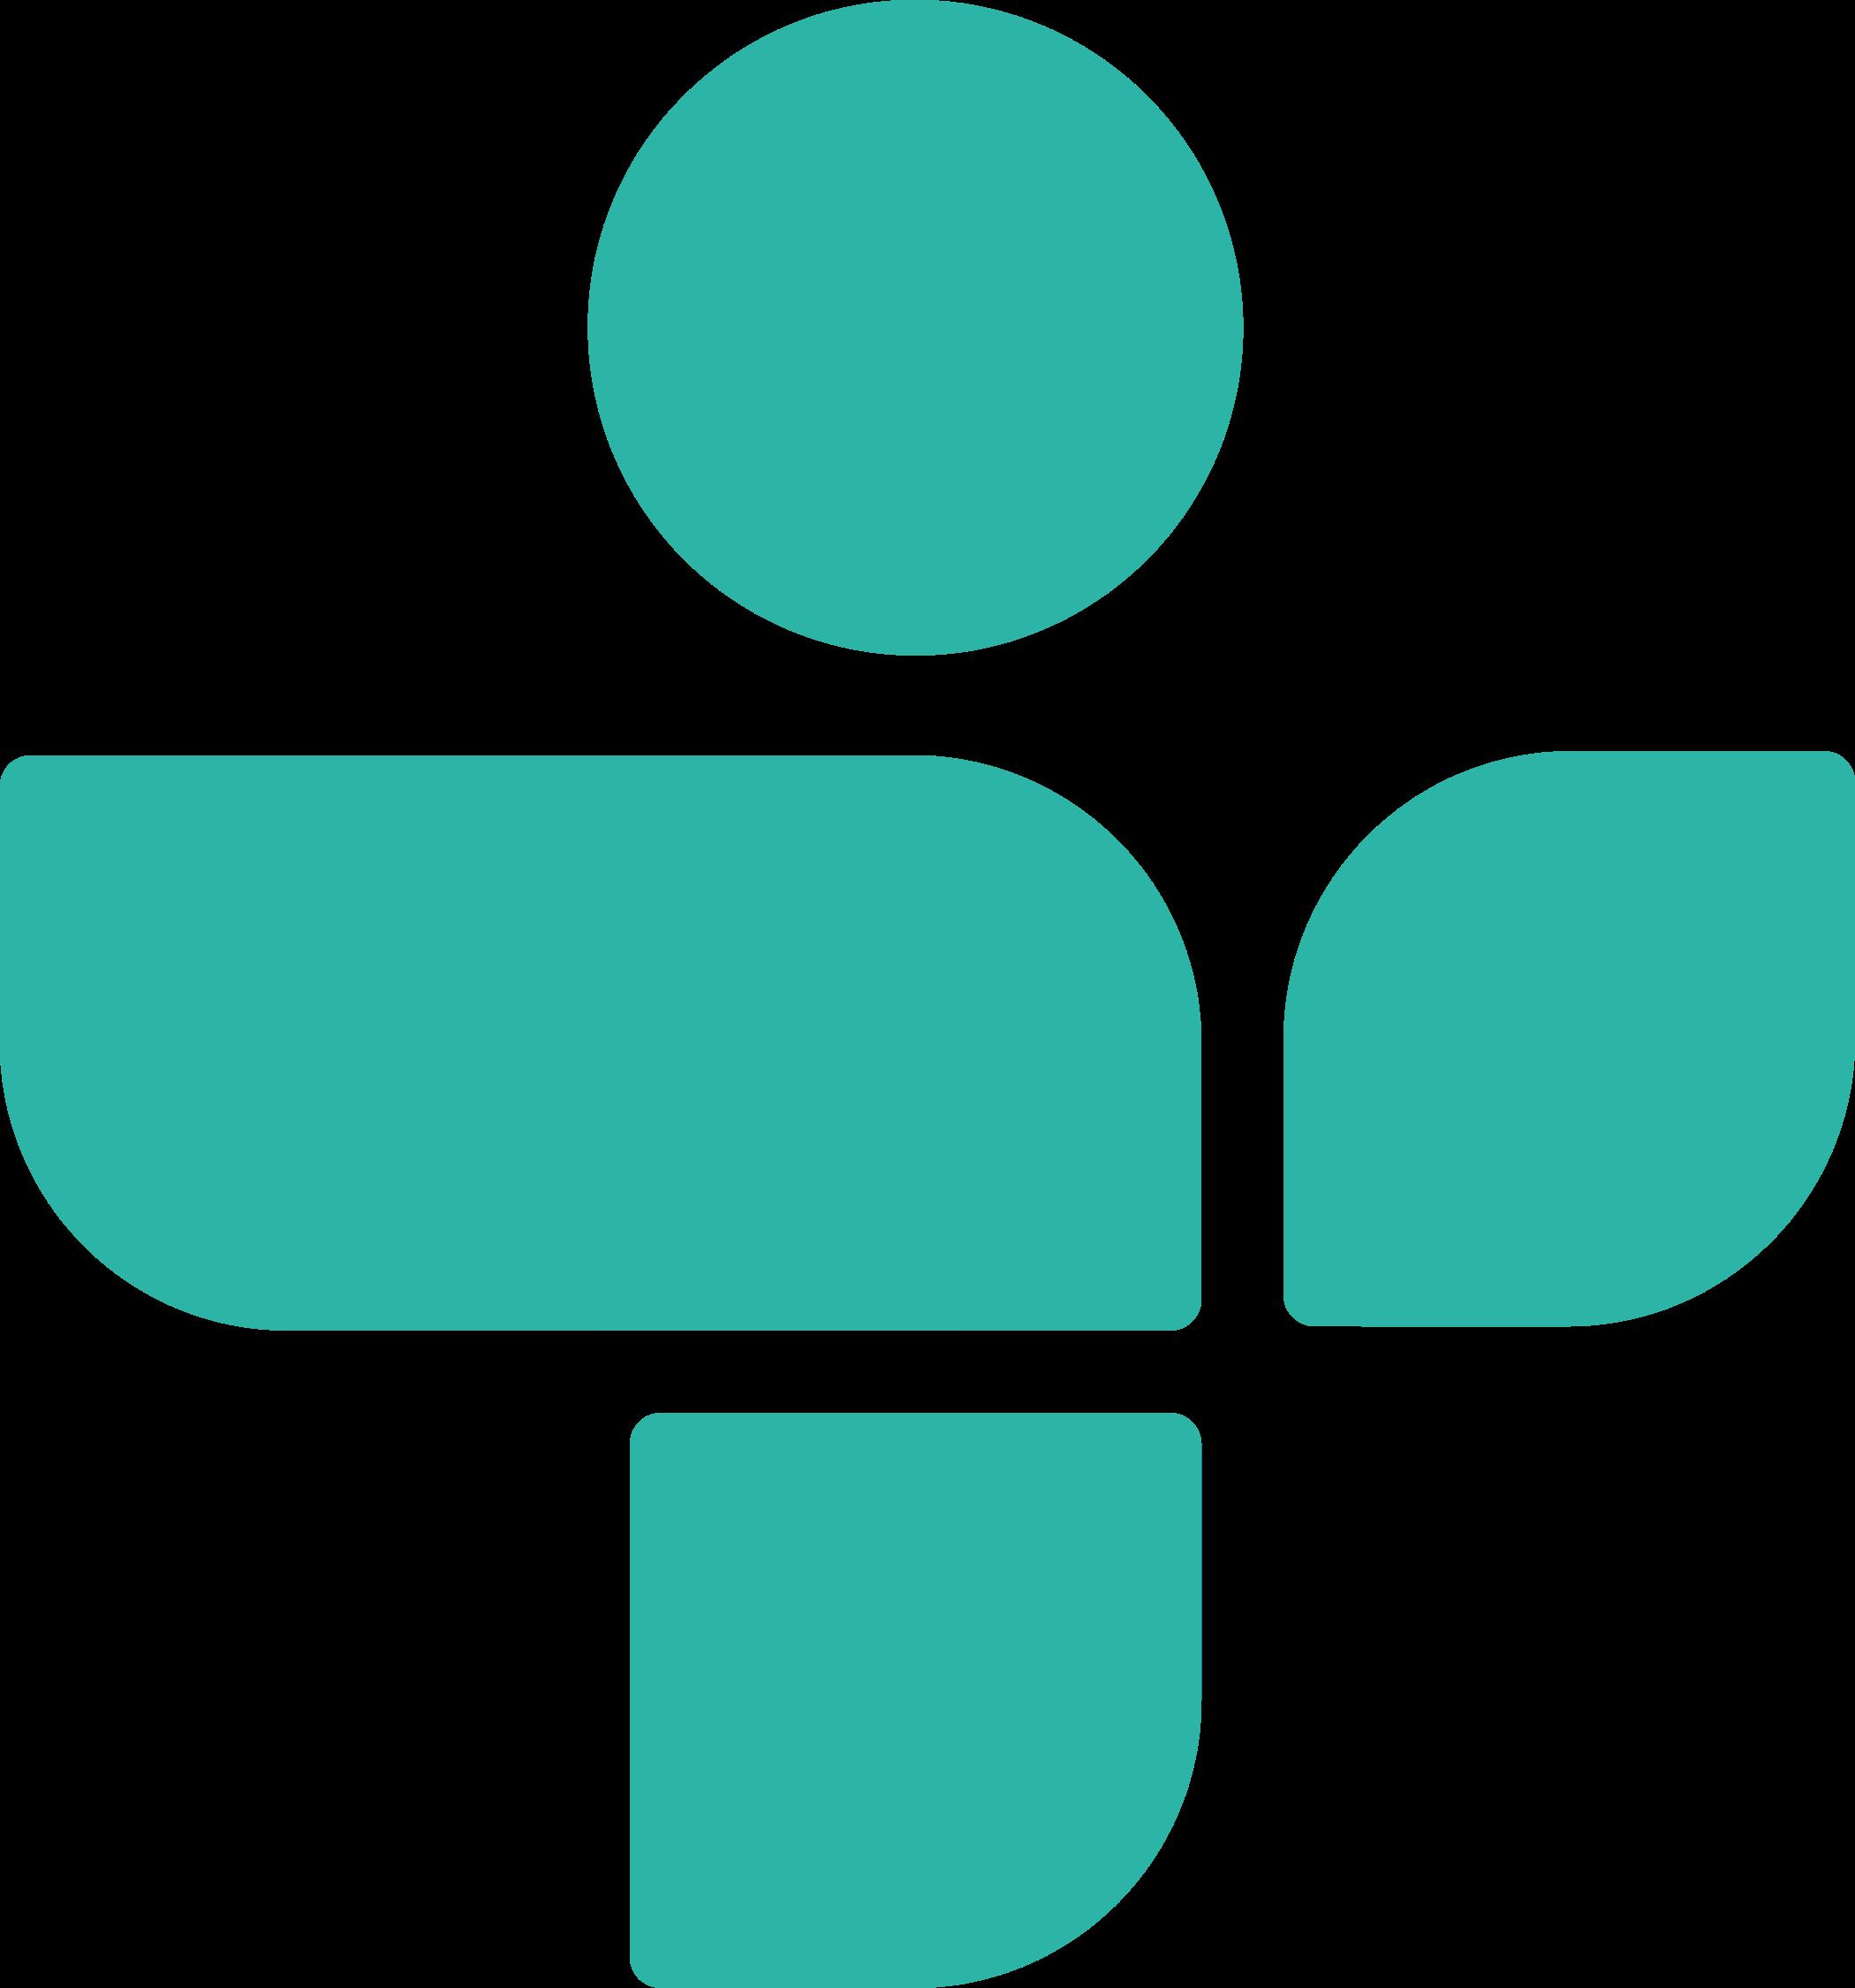 tunein-logo-3